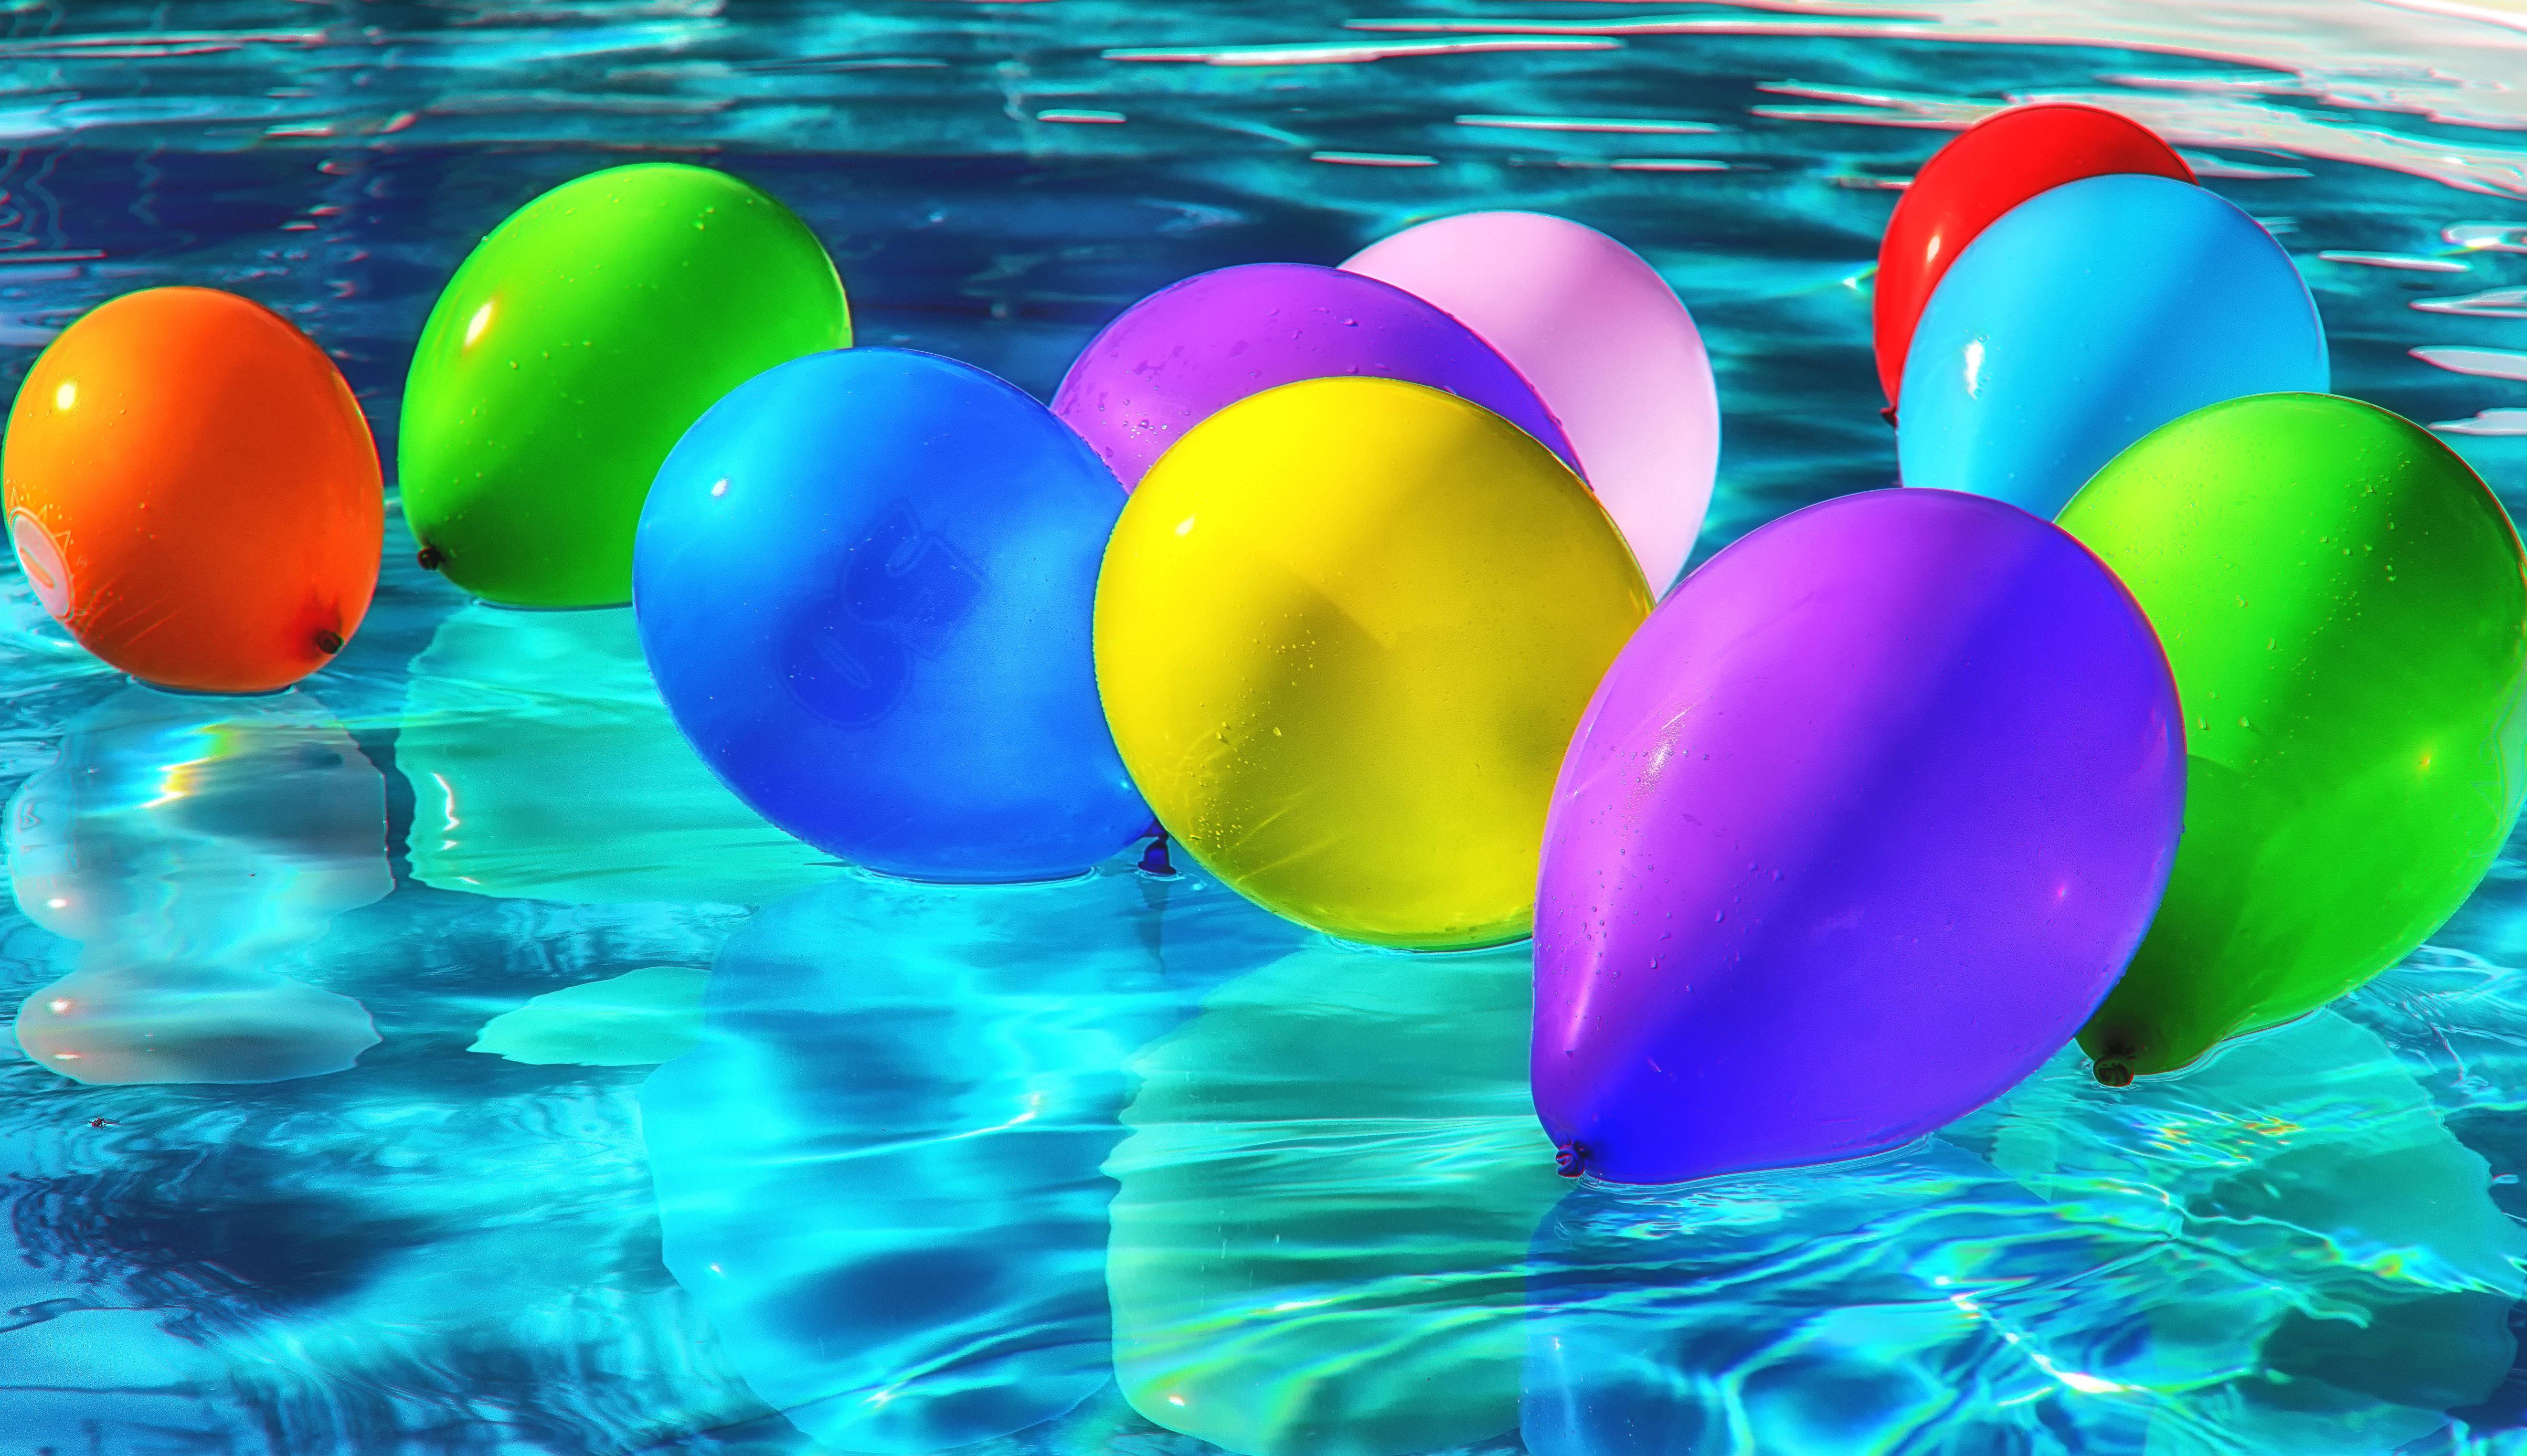 Kostenlose Bild Schwimmbad Luftballons Geburtstag Urlaub Wasser